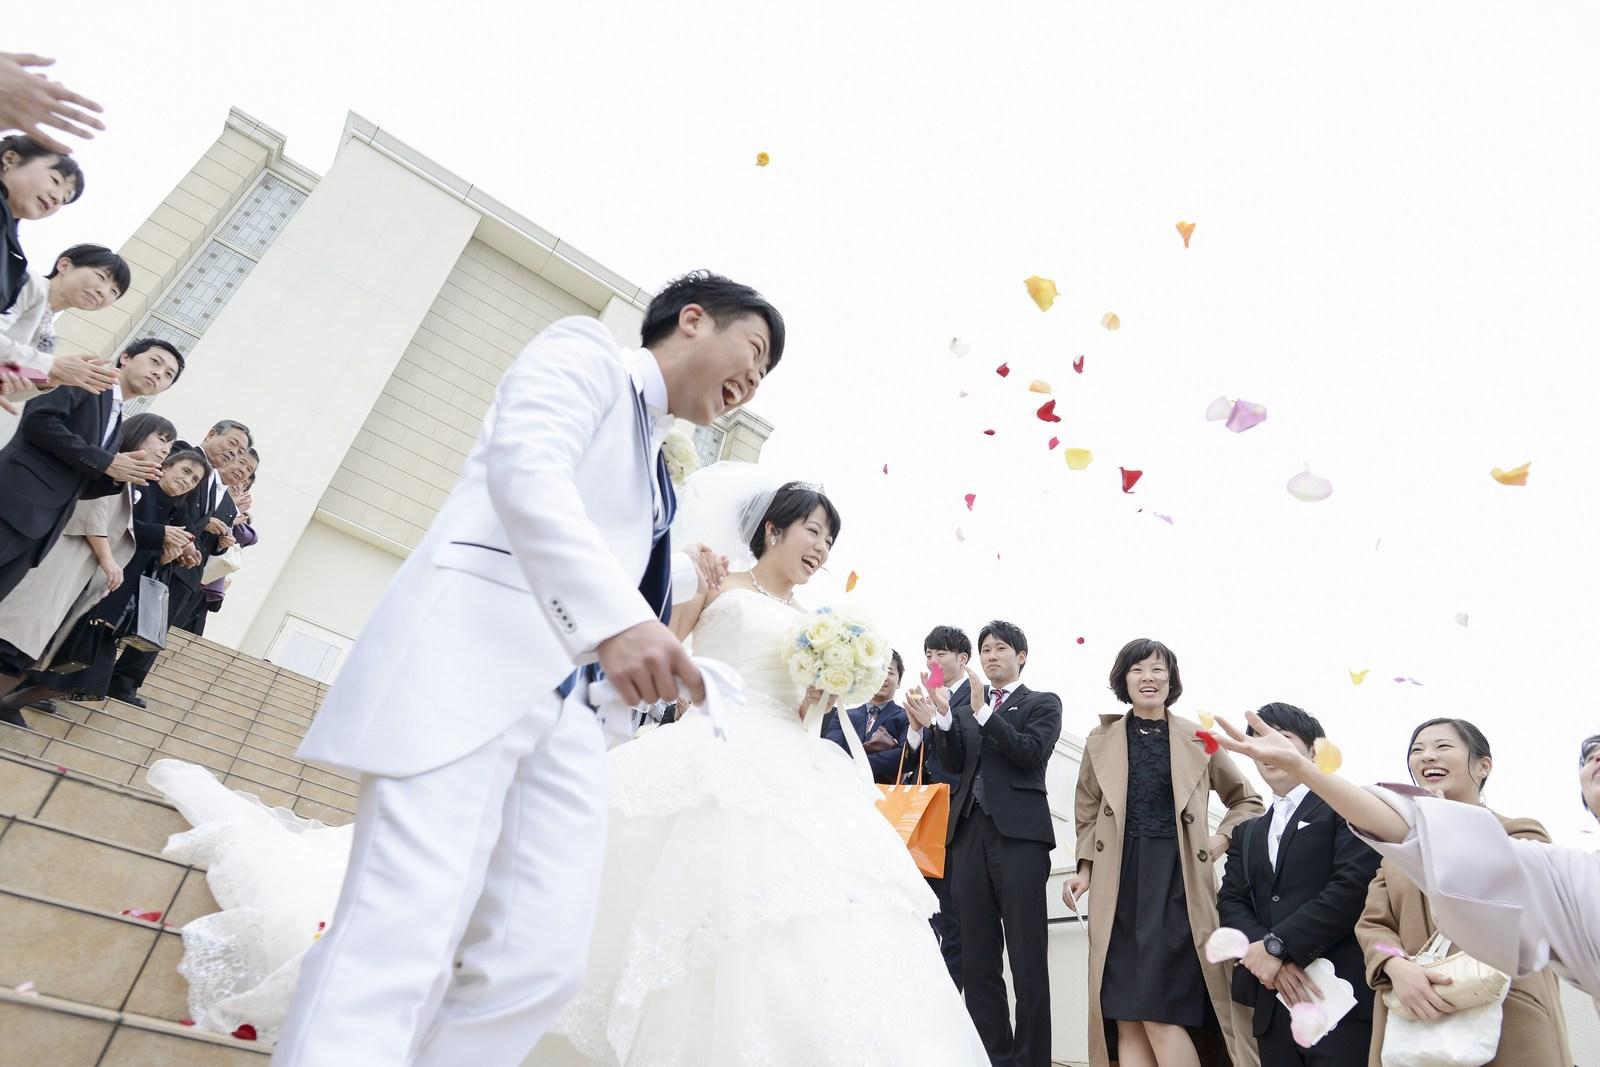 徳島市の結婚式場ブランアンジュも大階段でフラワーシャワー